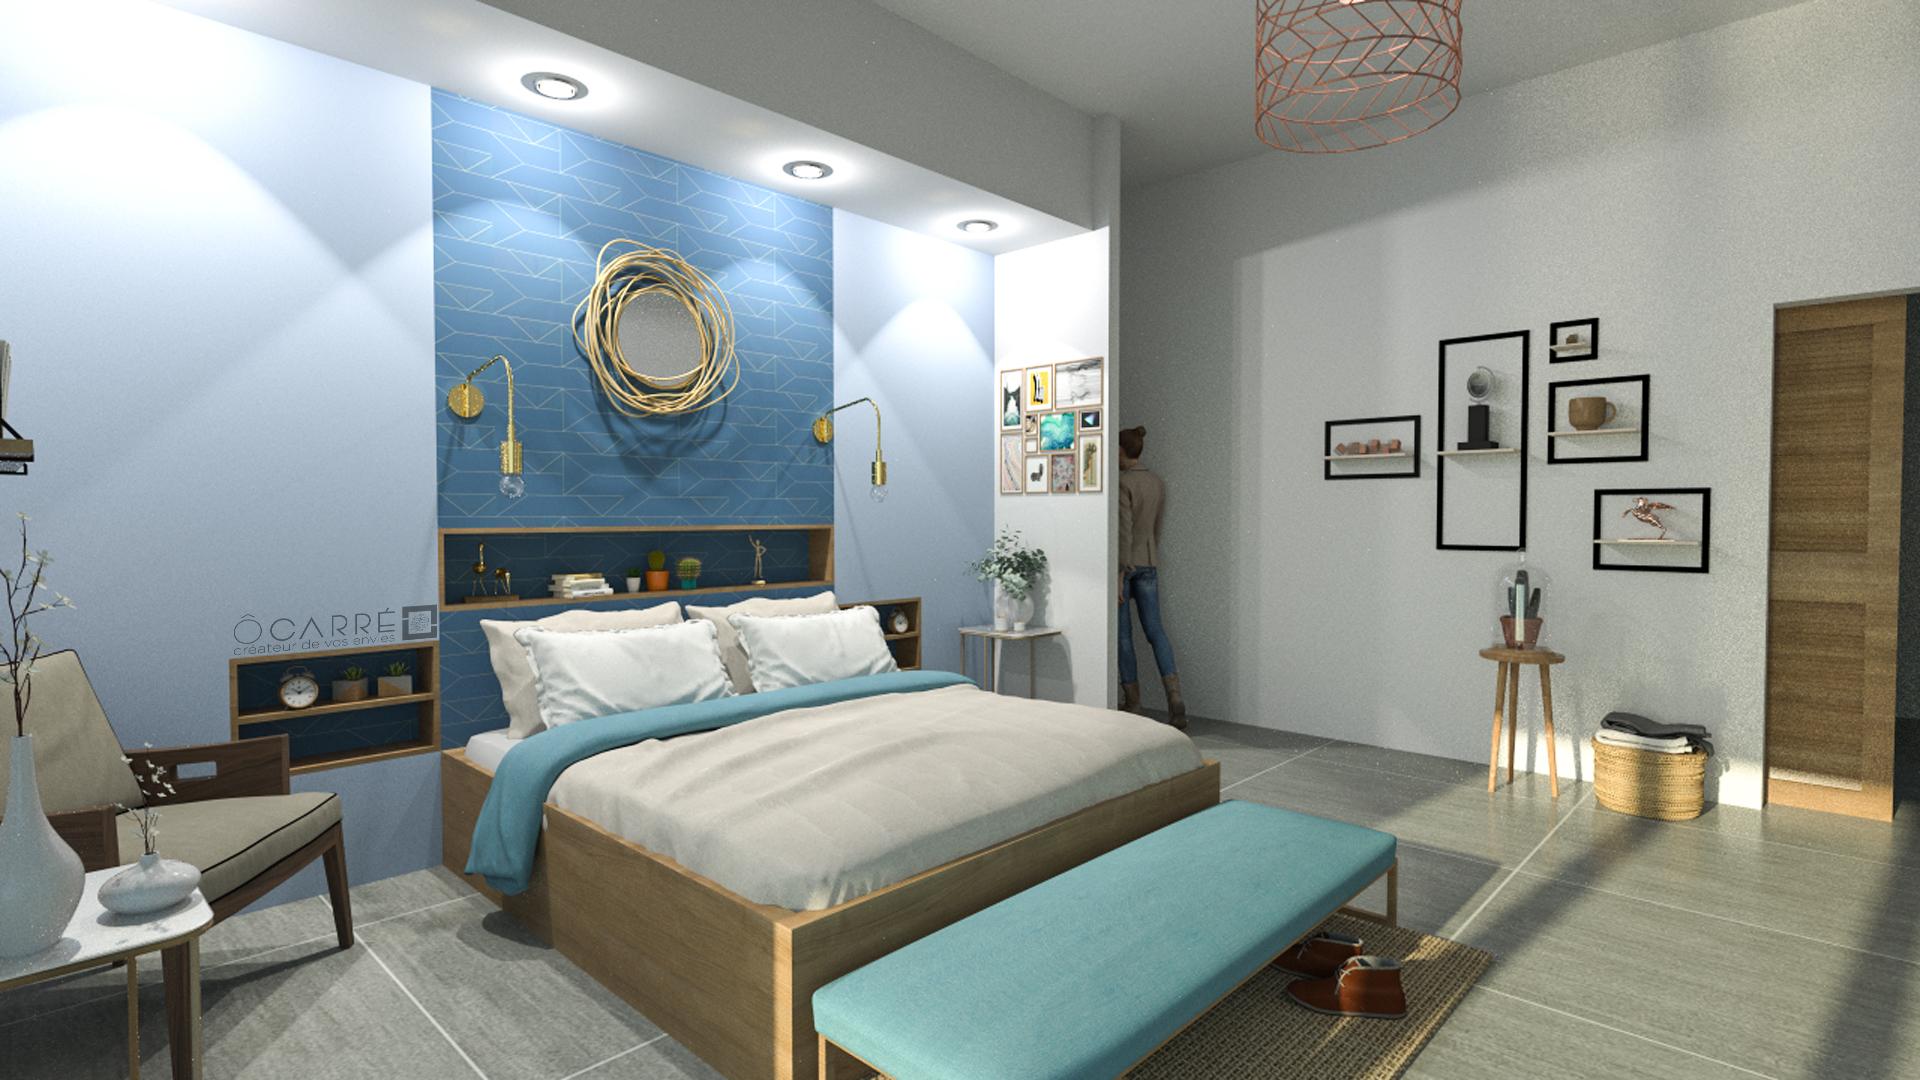 visuel-3d-chambre-nazir-assenjee-avec